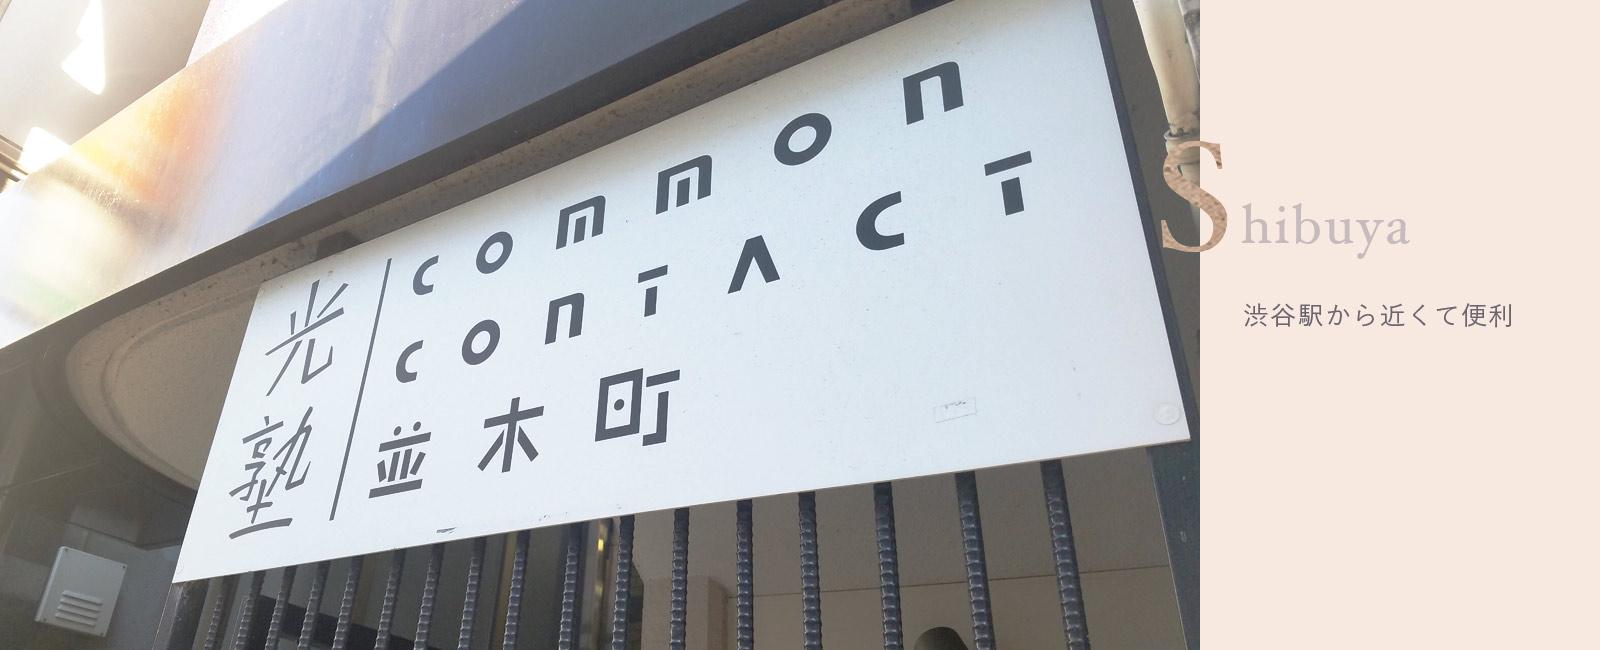 渋谷駅から近くて便利なレンタルスペースです